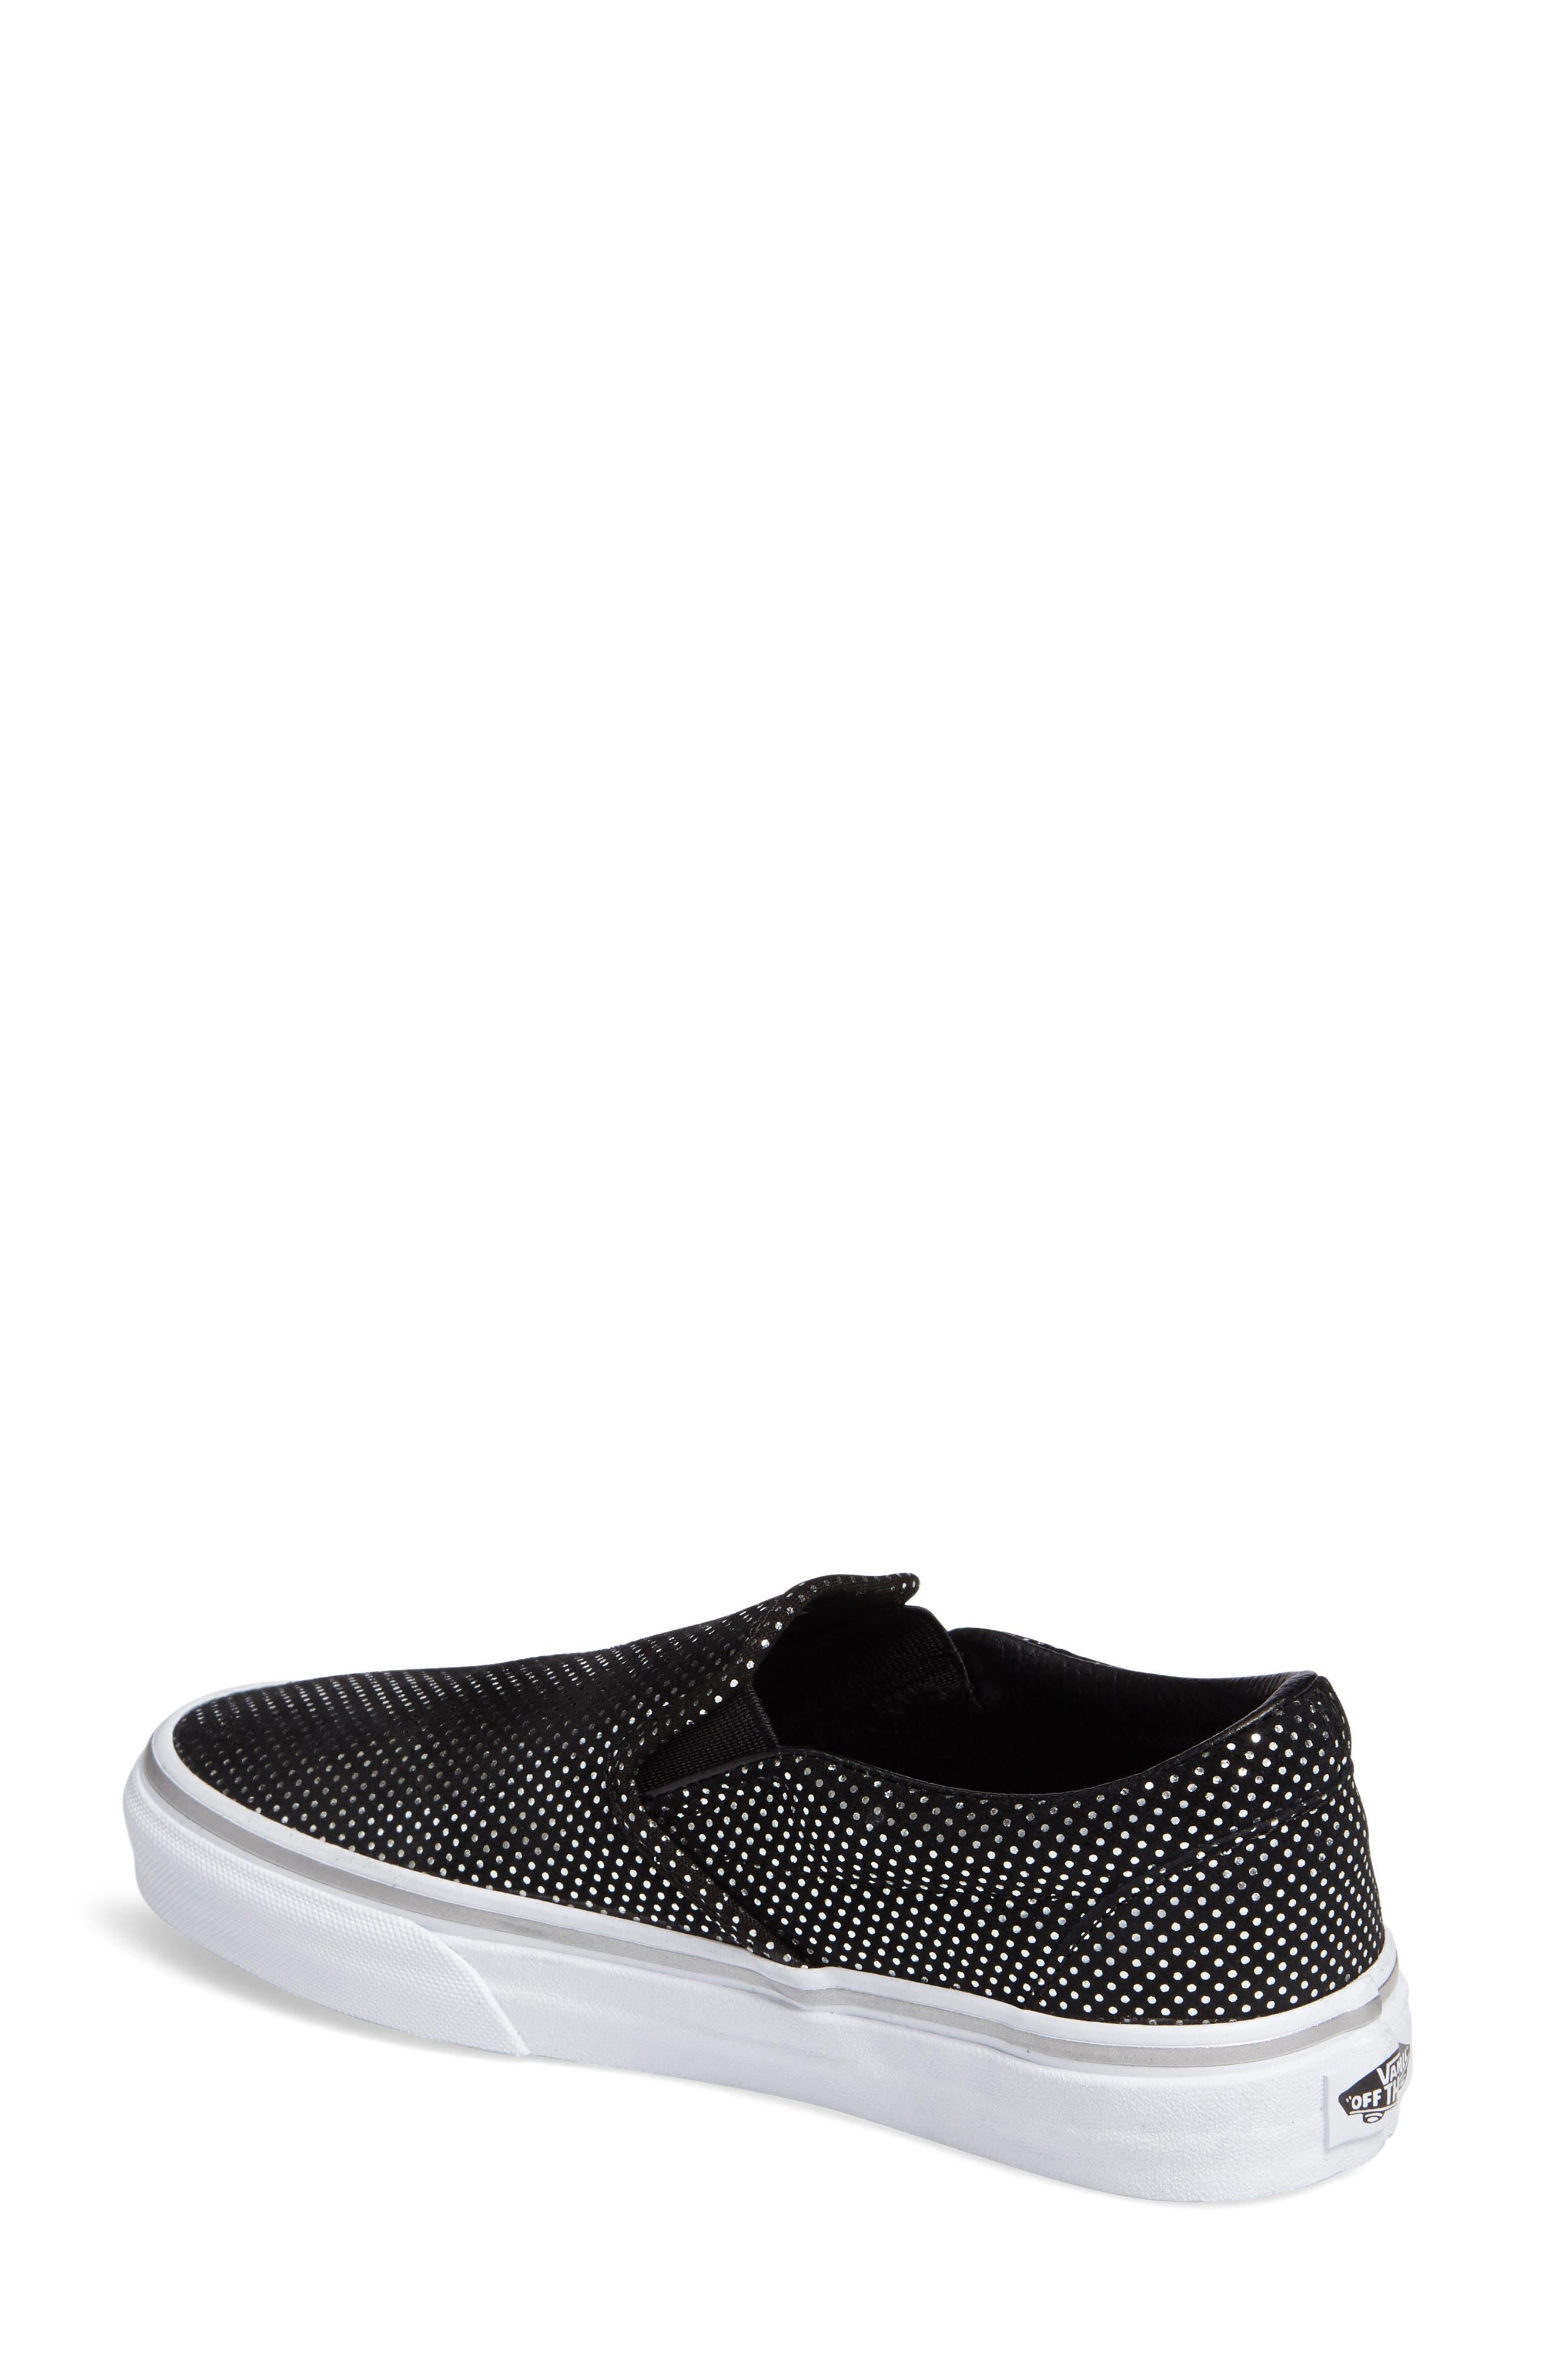 Classic Slip-On Sneaker,                             Alternate thumbnail 2, color,                             004